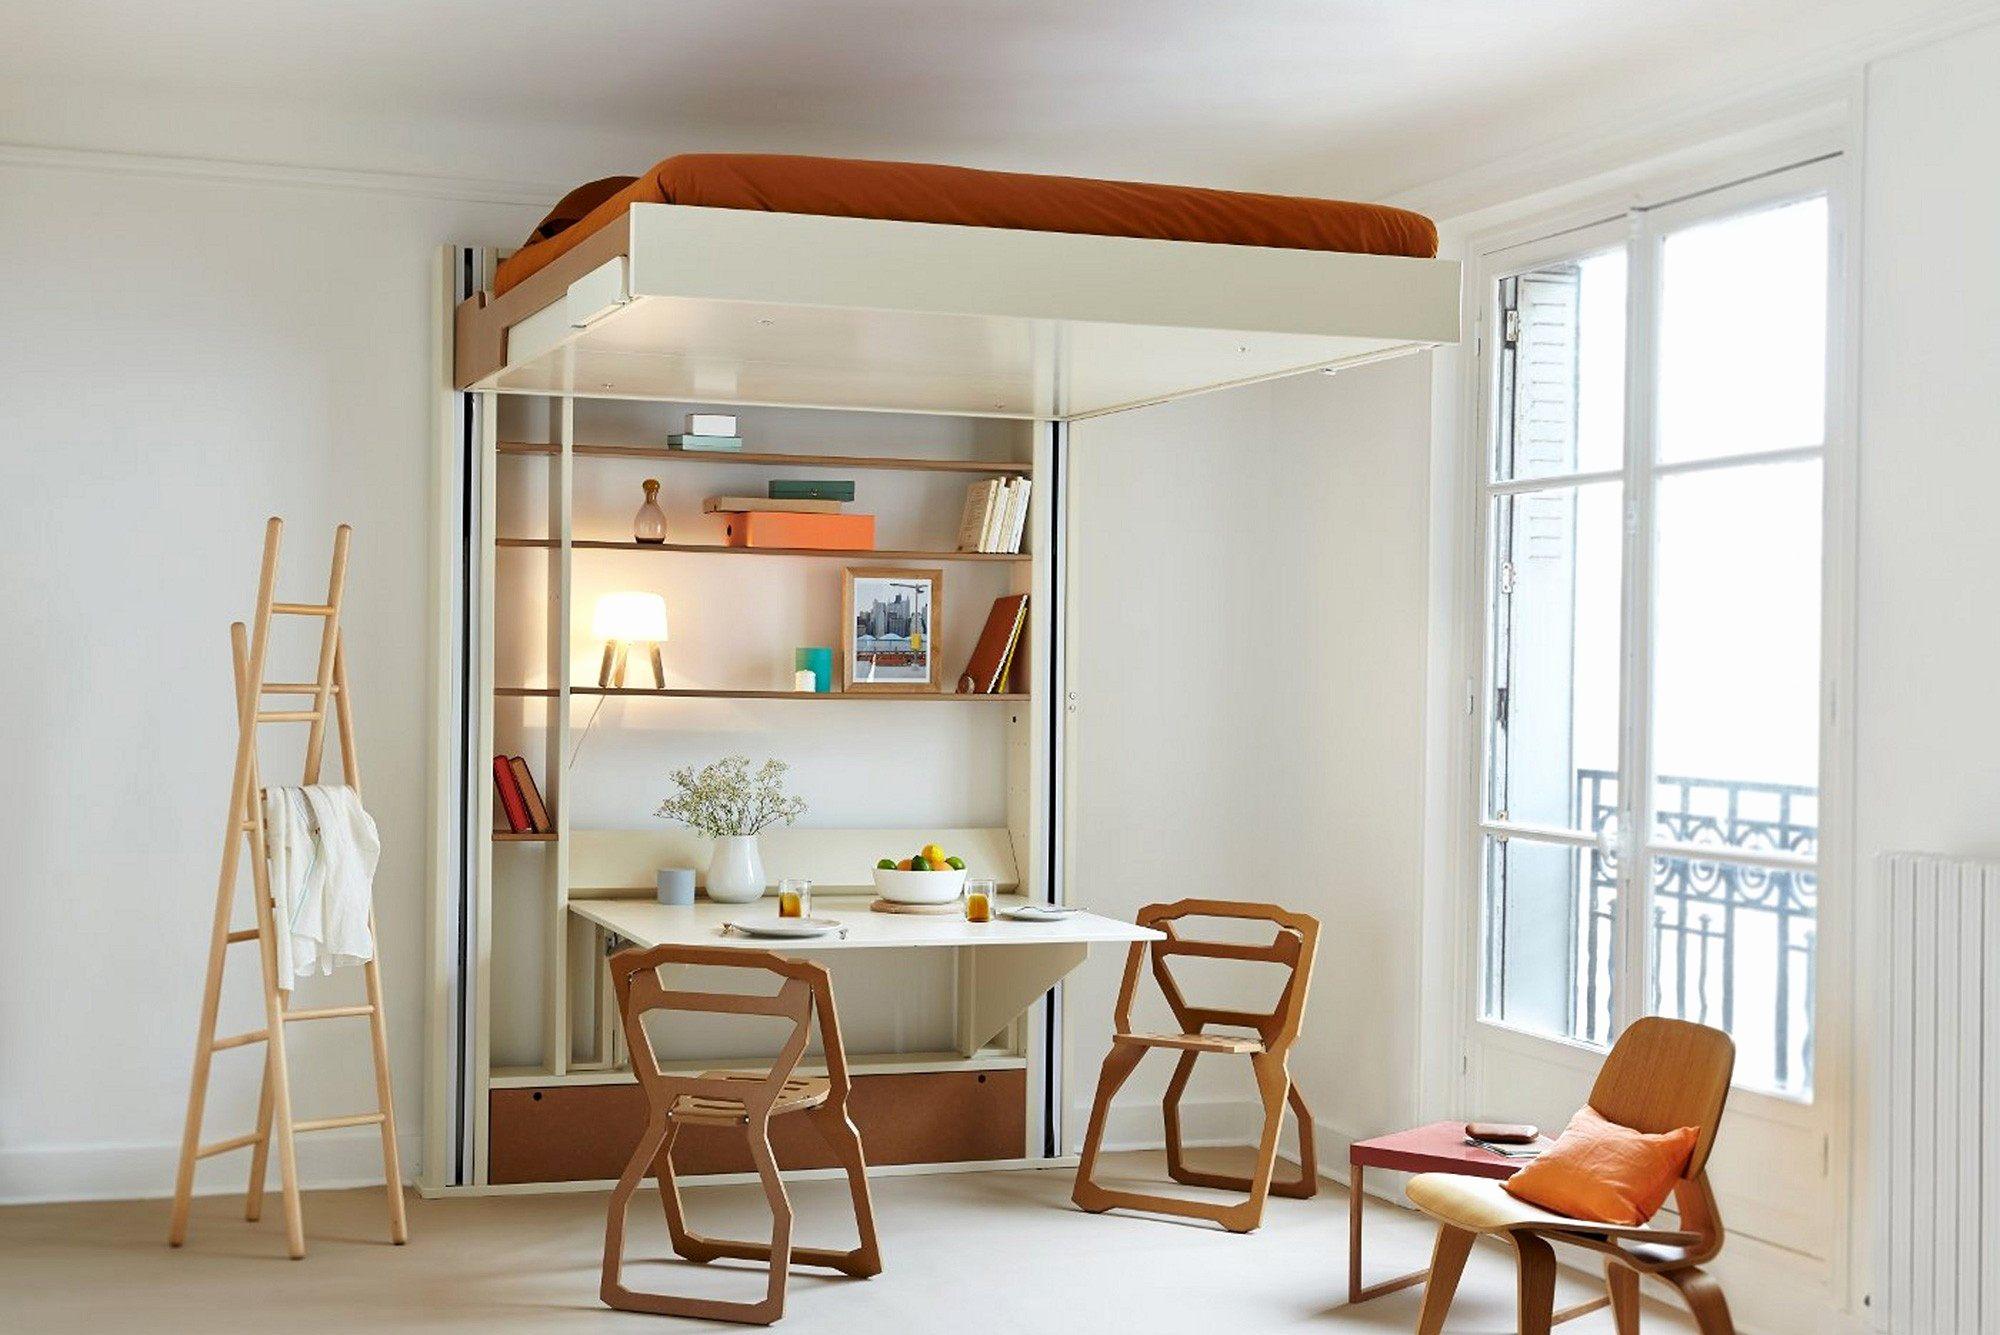 Lit Mezzanine 2 Places Bois Génial Lit Armoire 2 Places Luxe Lit Armoire 2 Places Lit 2 Place Belle Lit